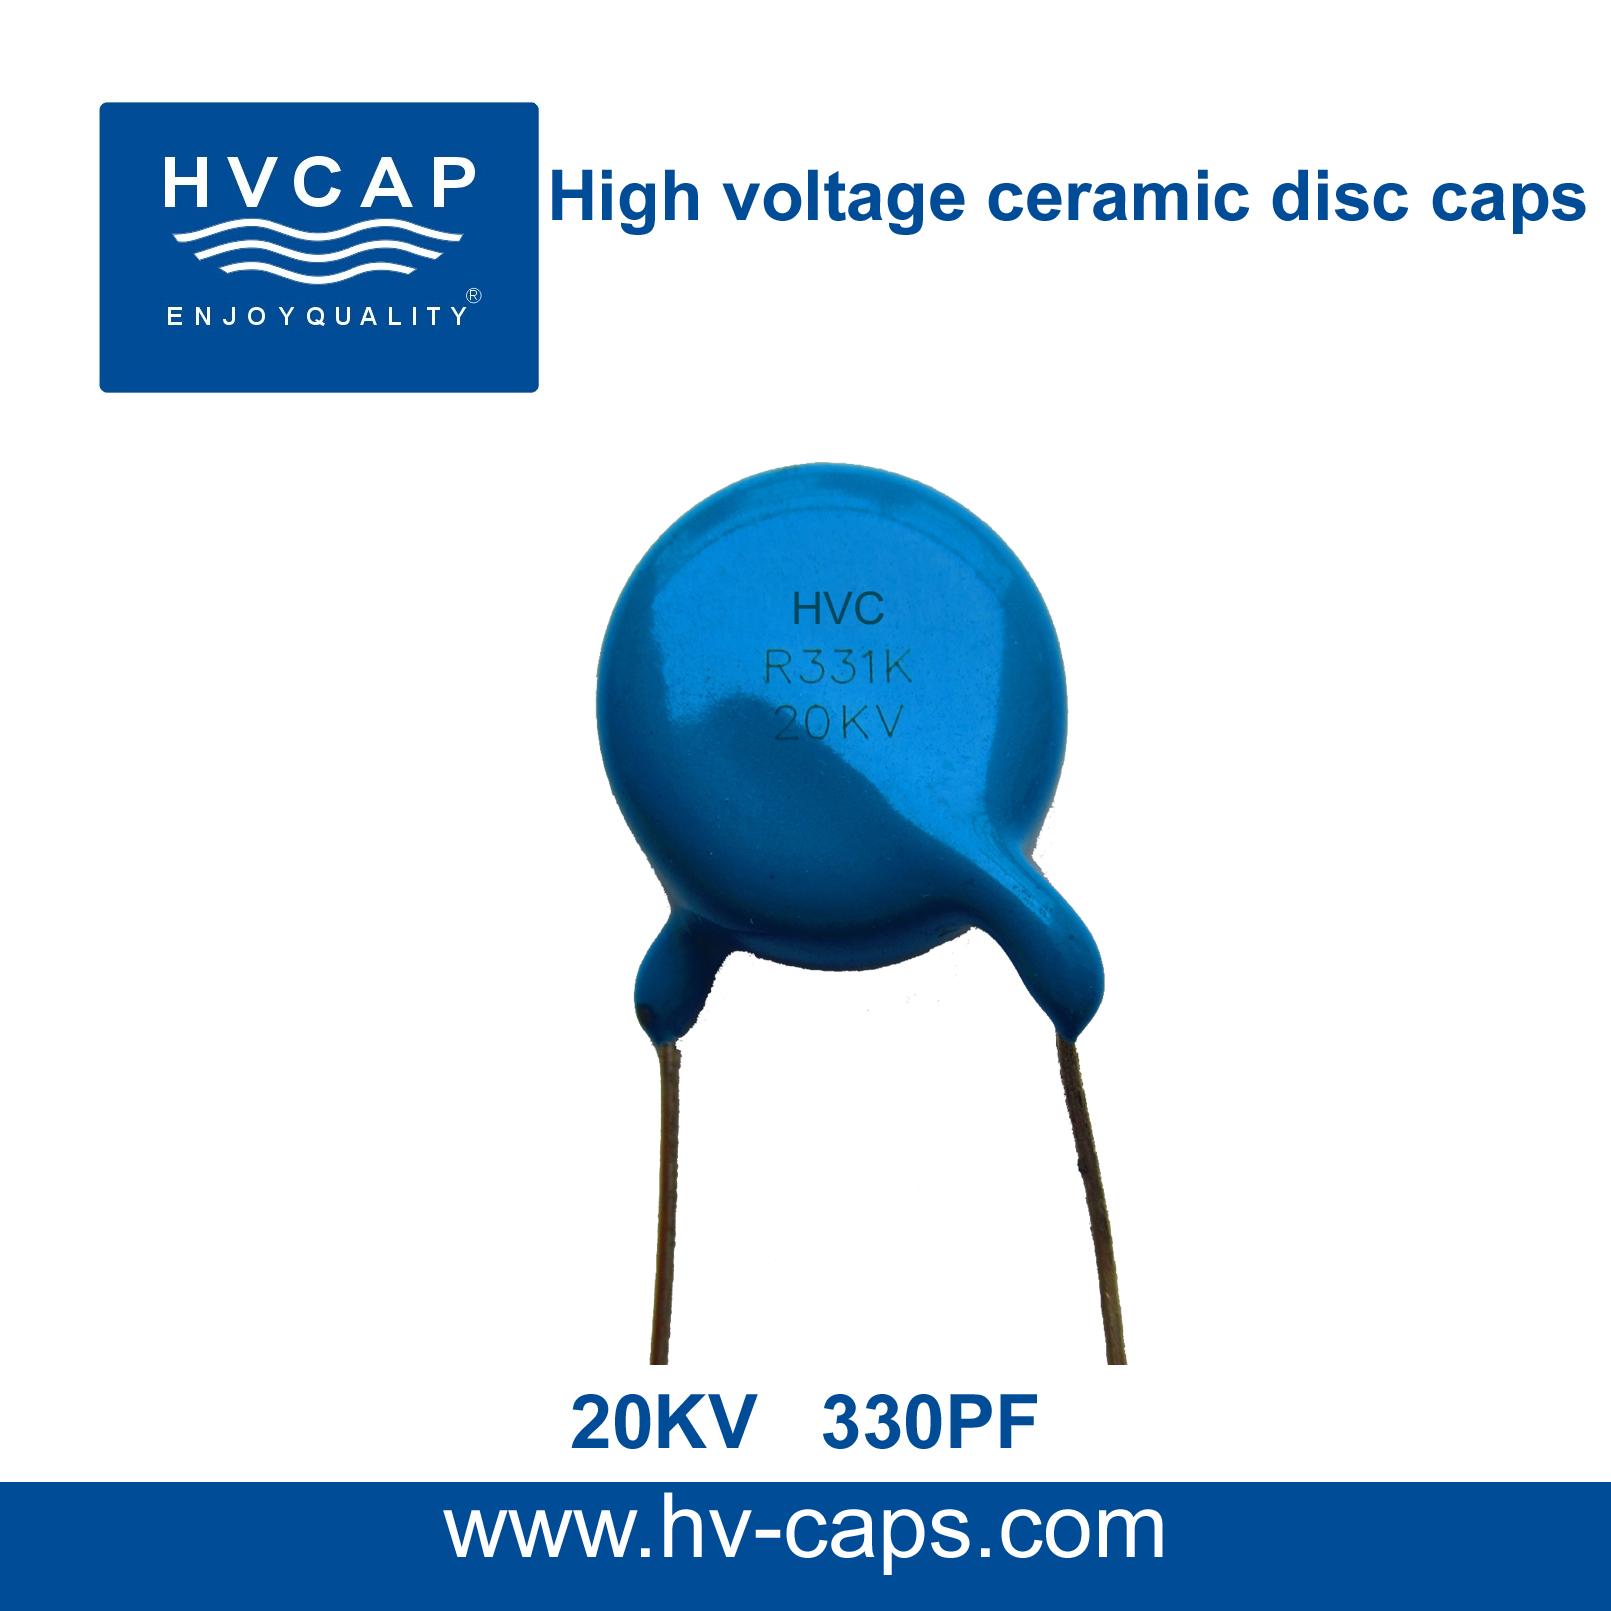 Visokonaponski keramički disk kondenzator 20KV 330PF (20KV 331K)